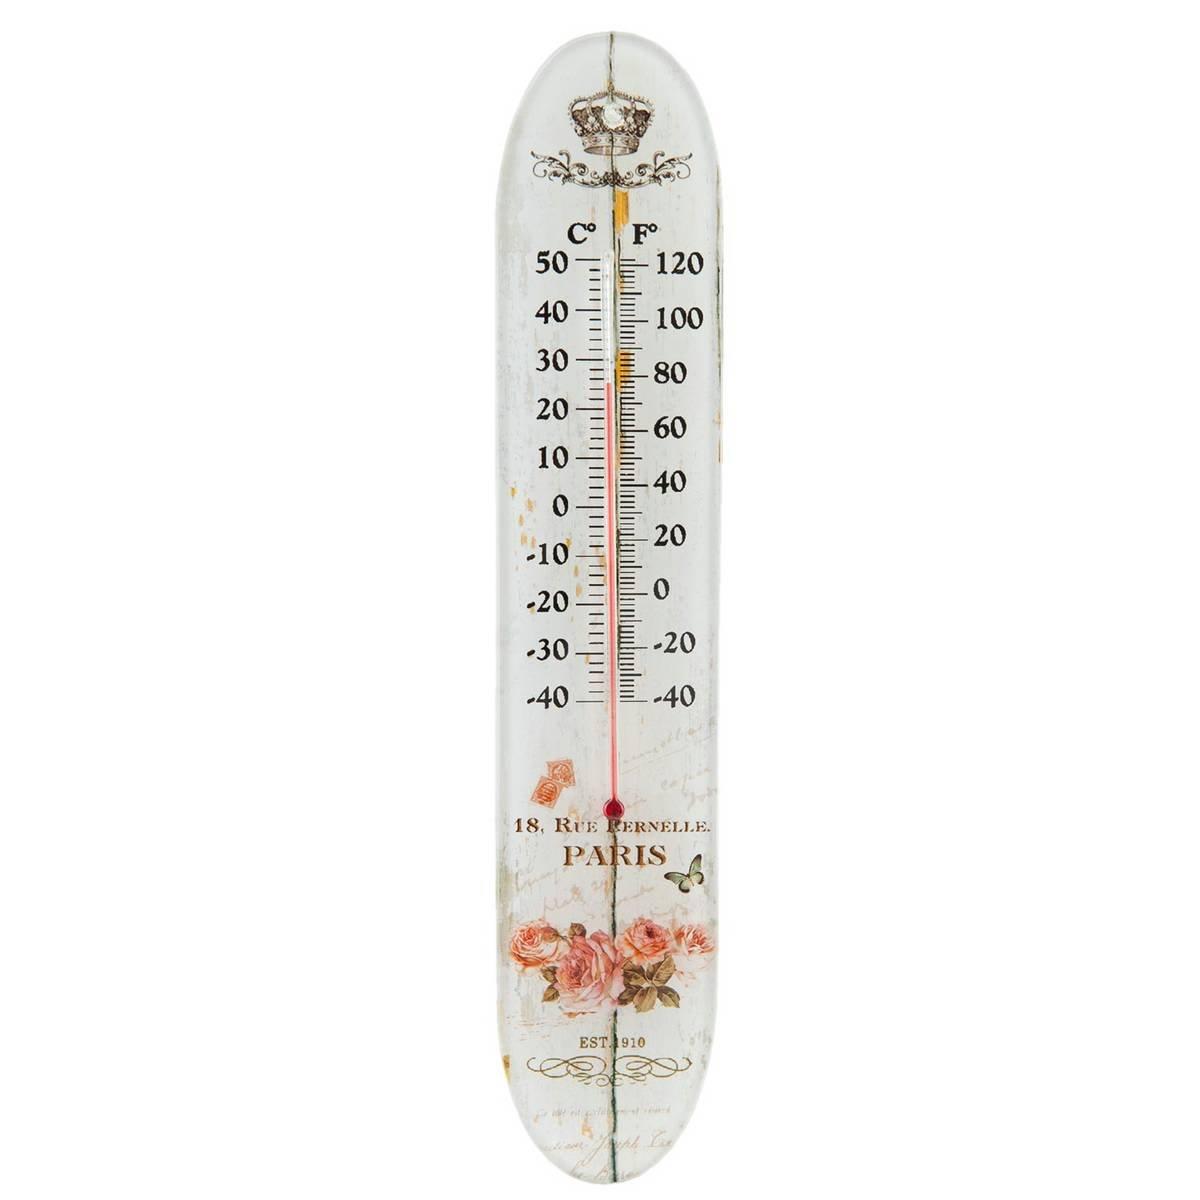 Clayre & Eef 63537 Außenthermometer Außen - Thermometer PARIS ca. 6 x 1 x 30 cm